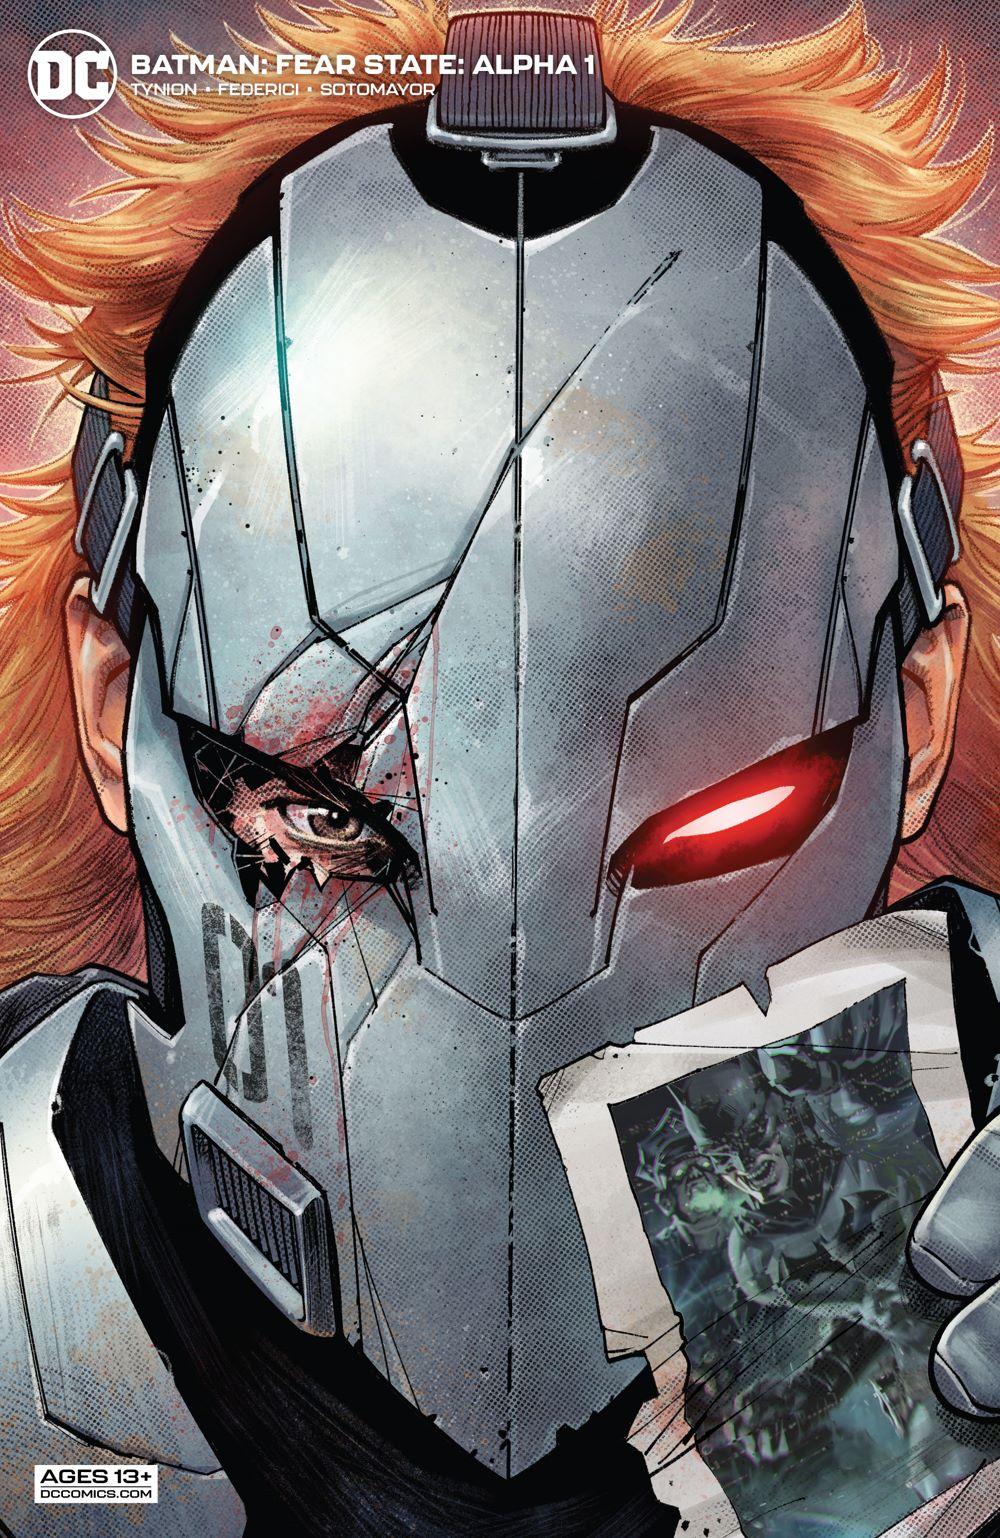 Batman-Fear-State-Alpha-1-2_612851b82f3f20.03921560 ComicList Previews: BATMAN FEAR STATE ALPHA #1